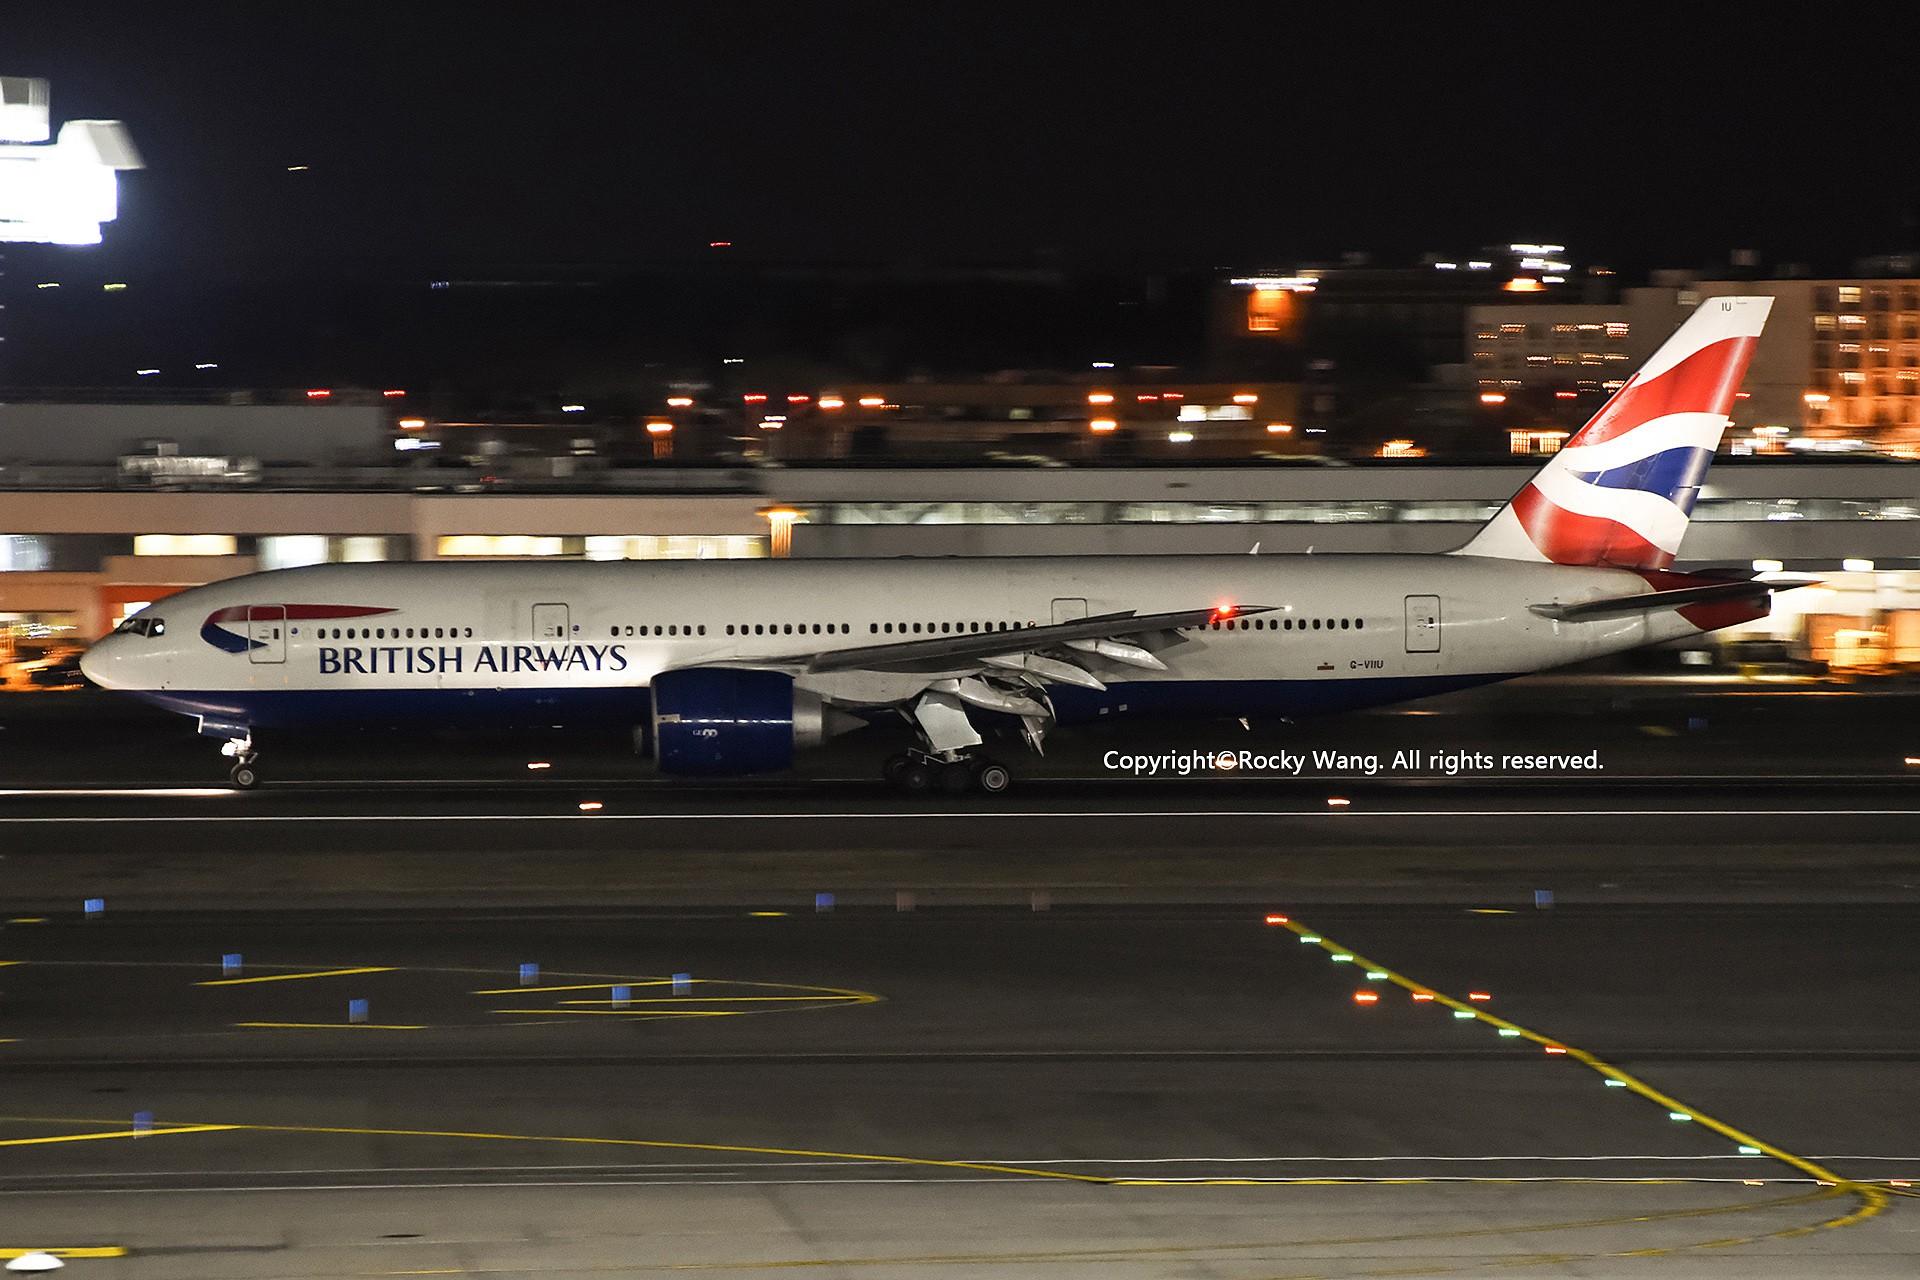 Re:[原创]KJFK 30图 BOEING 777-236(ER) G-VIIU New York John F. Kennedy Int'l Airport